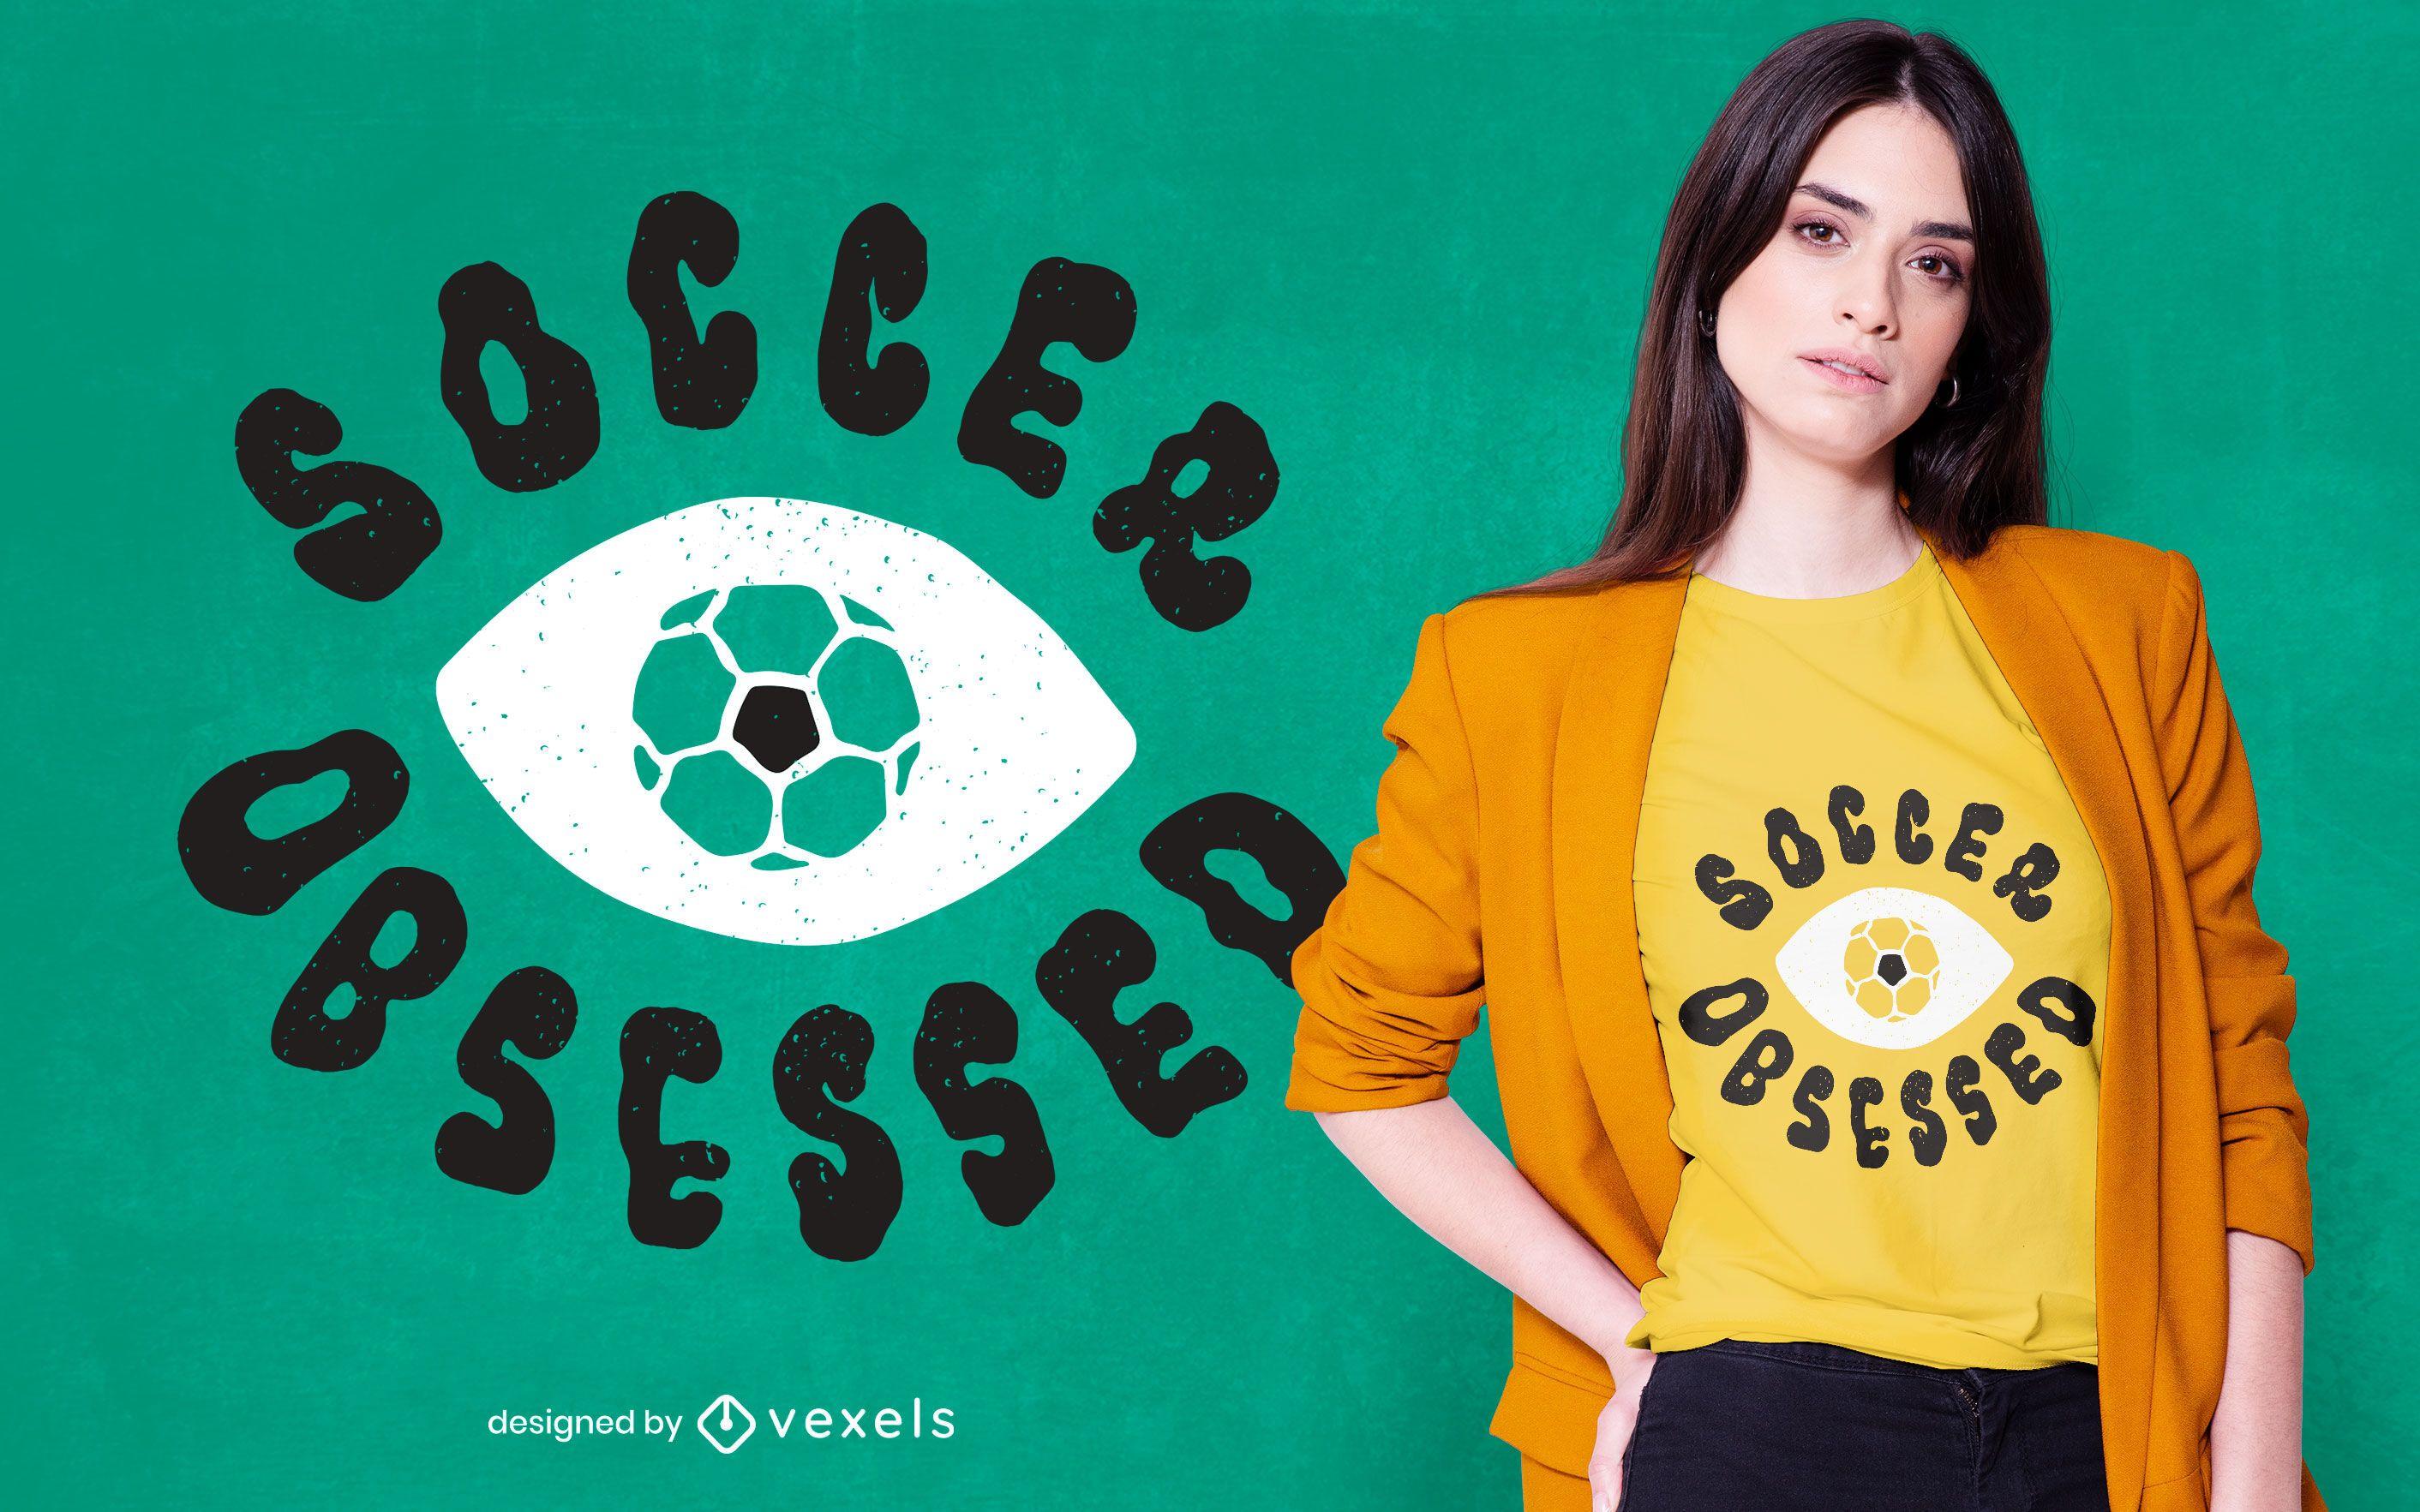 Soccer obsessed t-shirt design